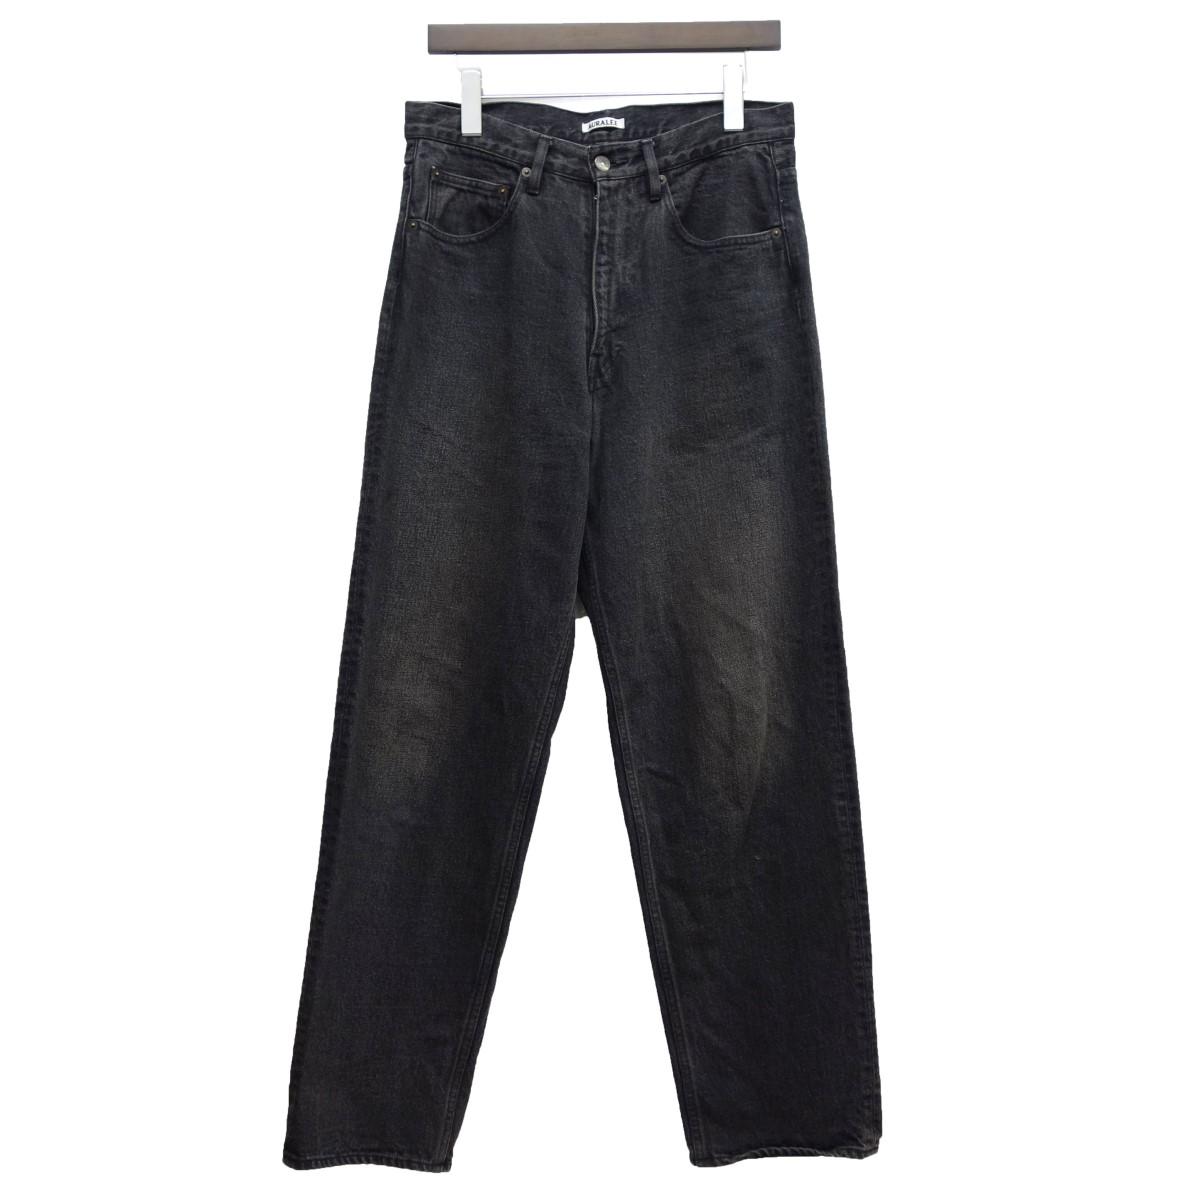 【中古】AURALEE 19SS「WASHED HARD TWIST DENIM WIDE PANT」デニムパンツ ブラック サイズ:30 【280320】(オーラリー)